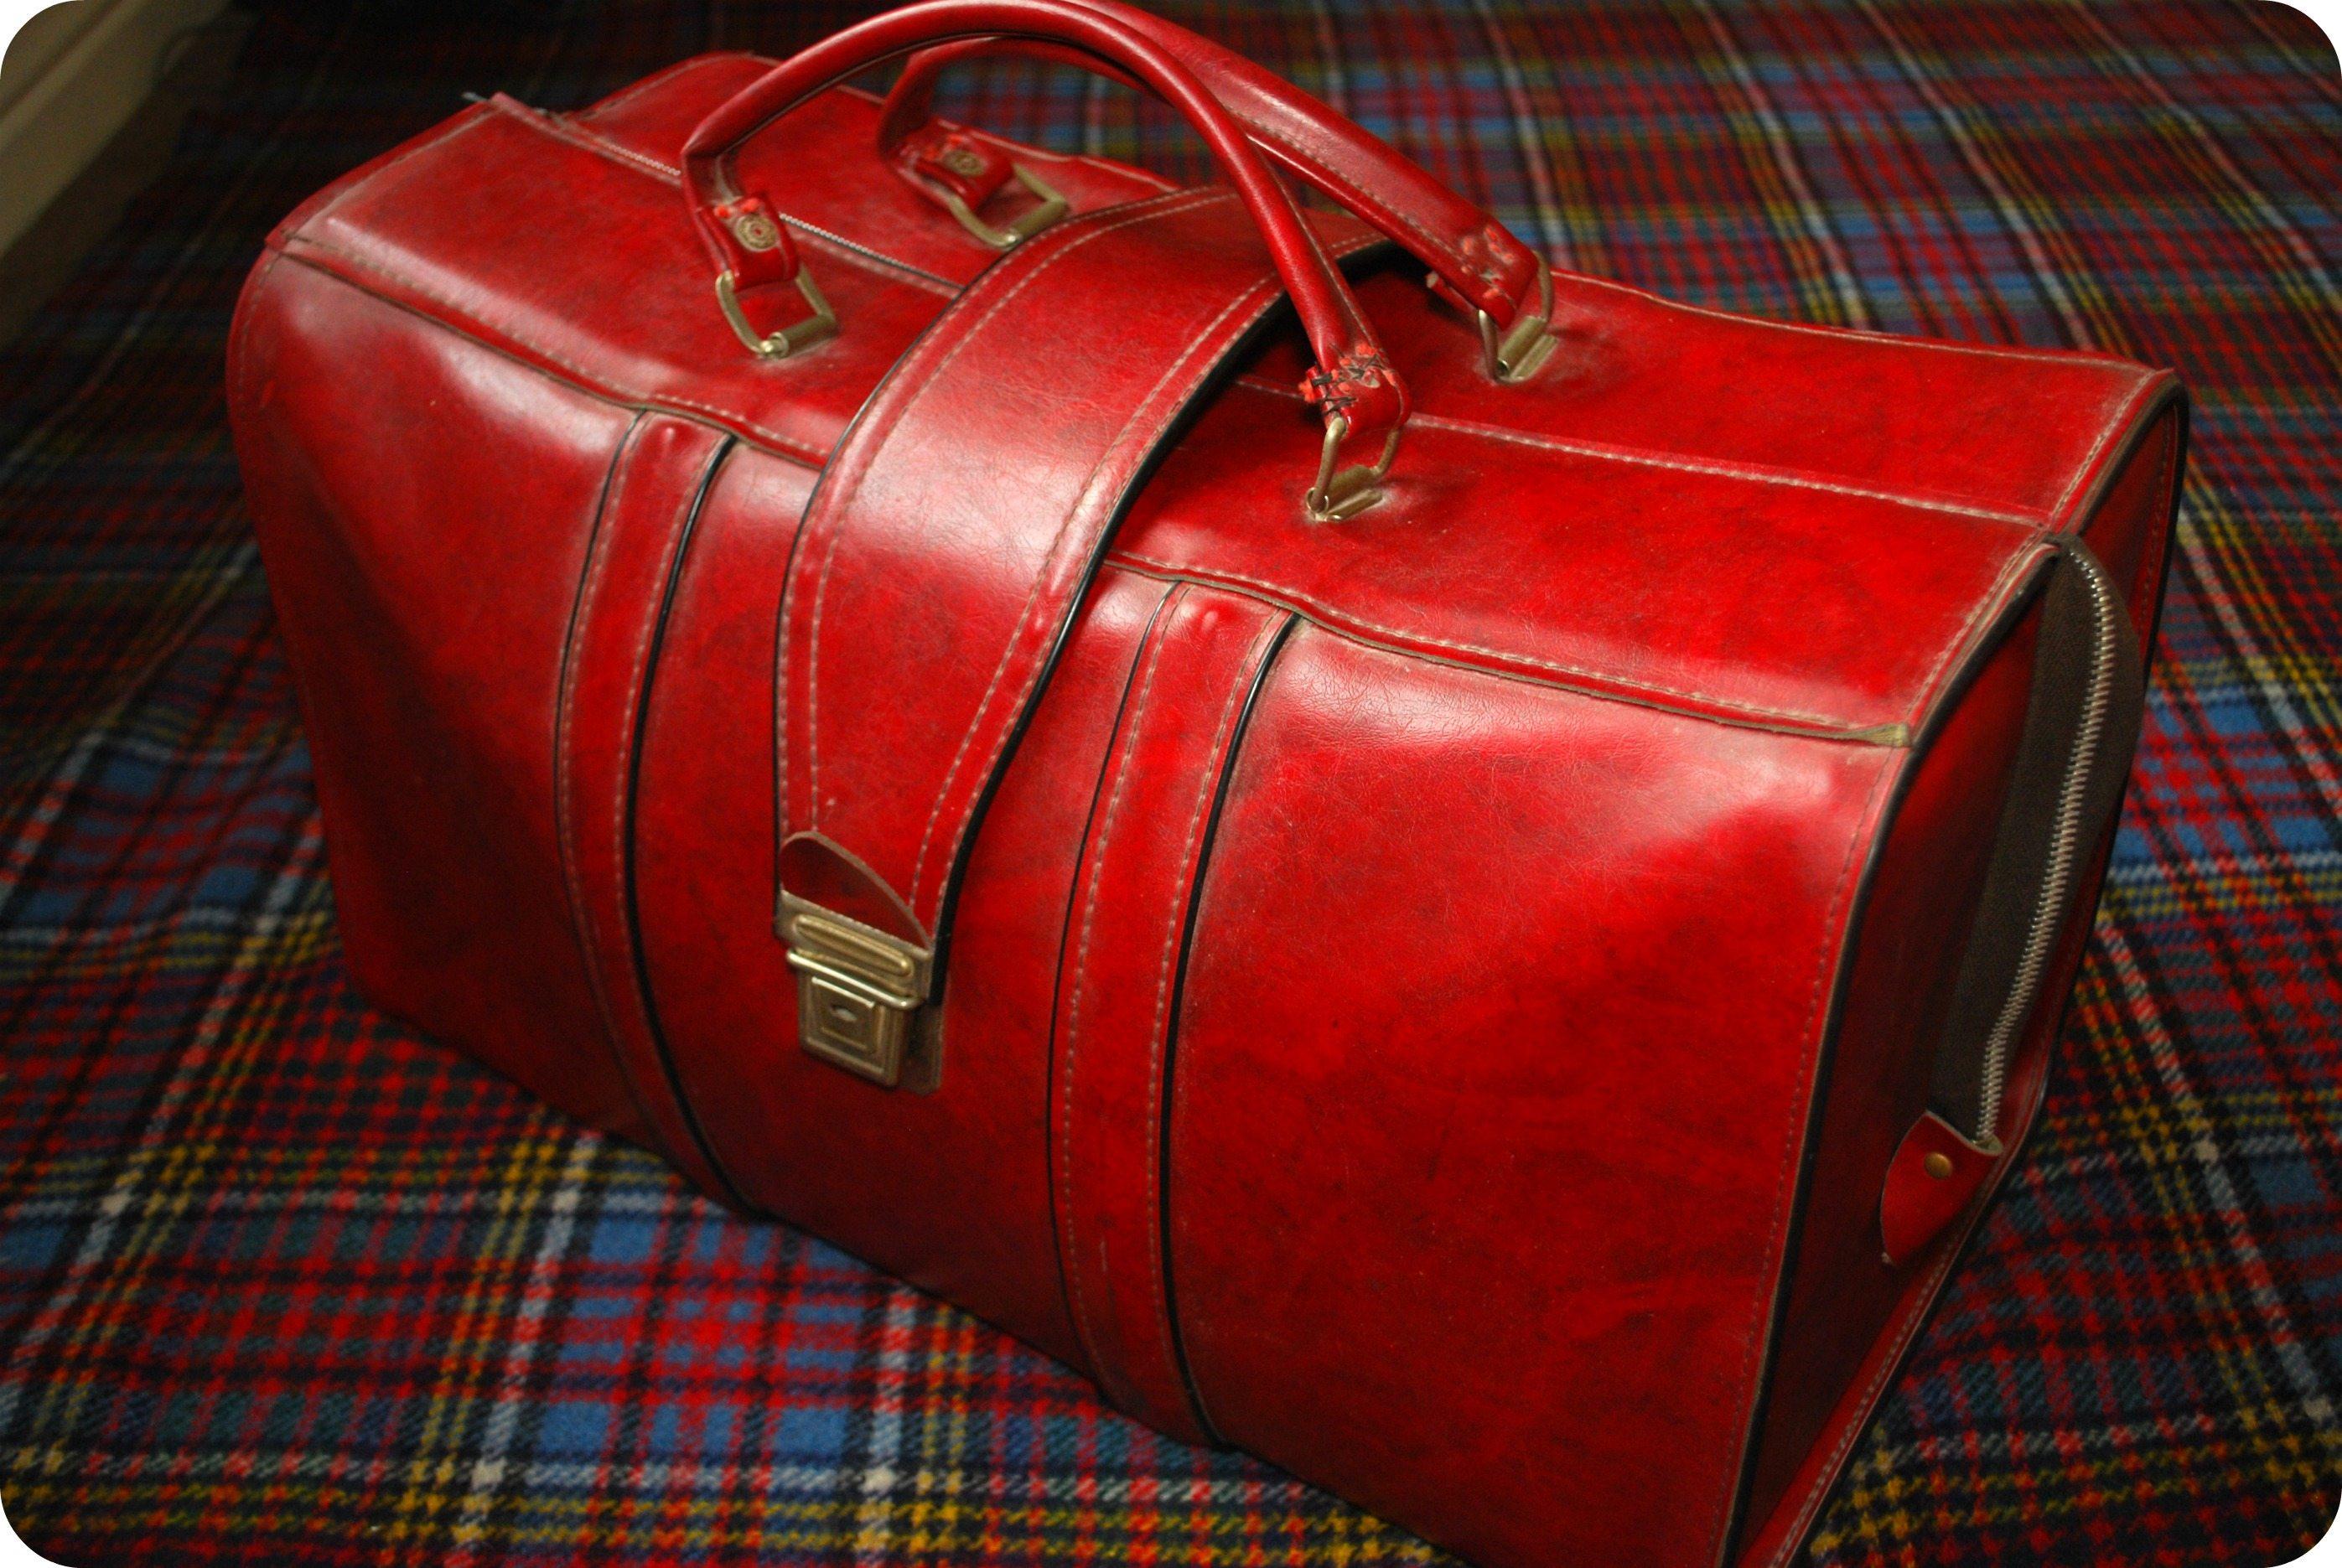 vintage red travel bag